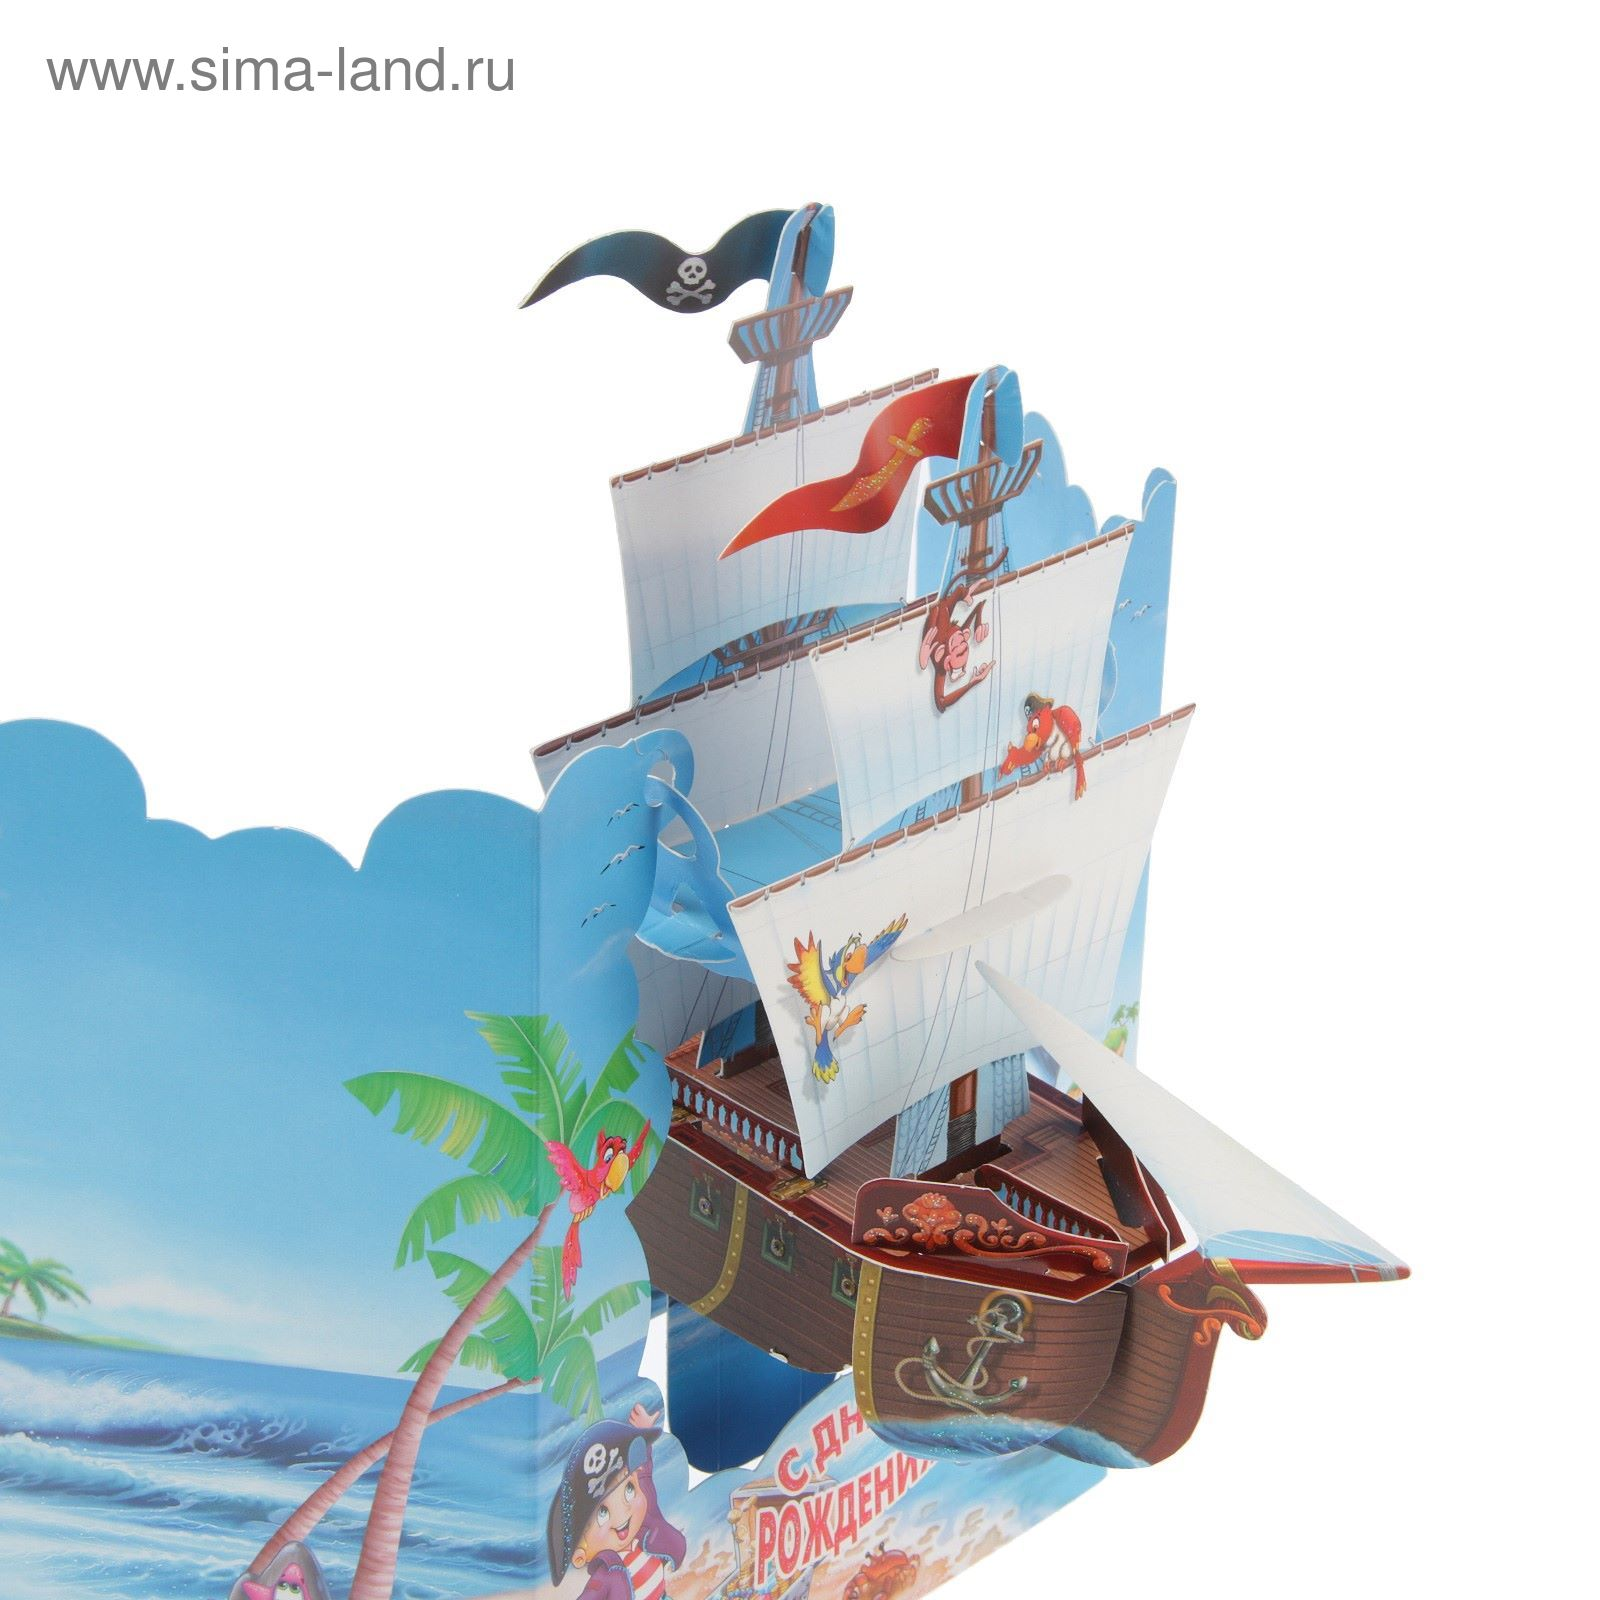 открытка с изображением кораблика такое